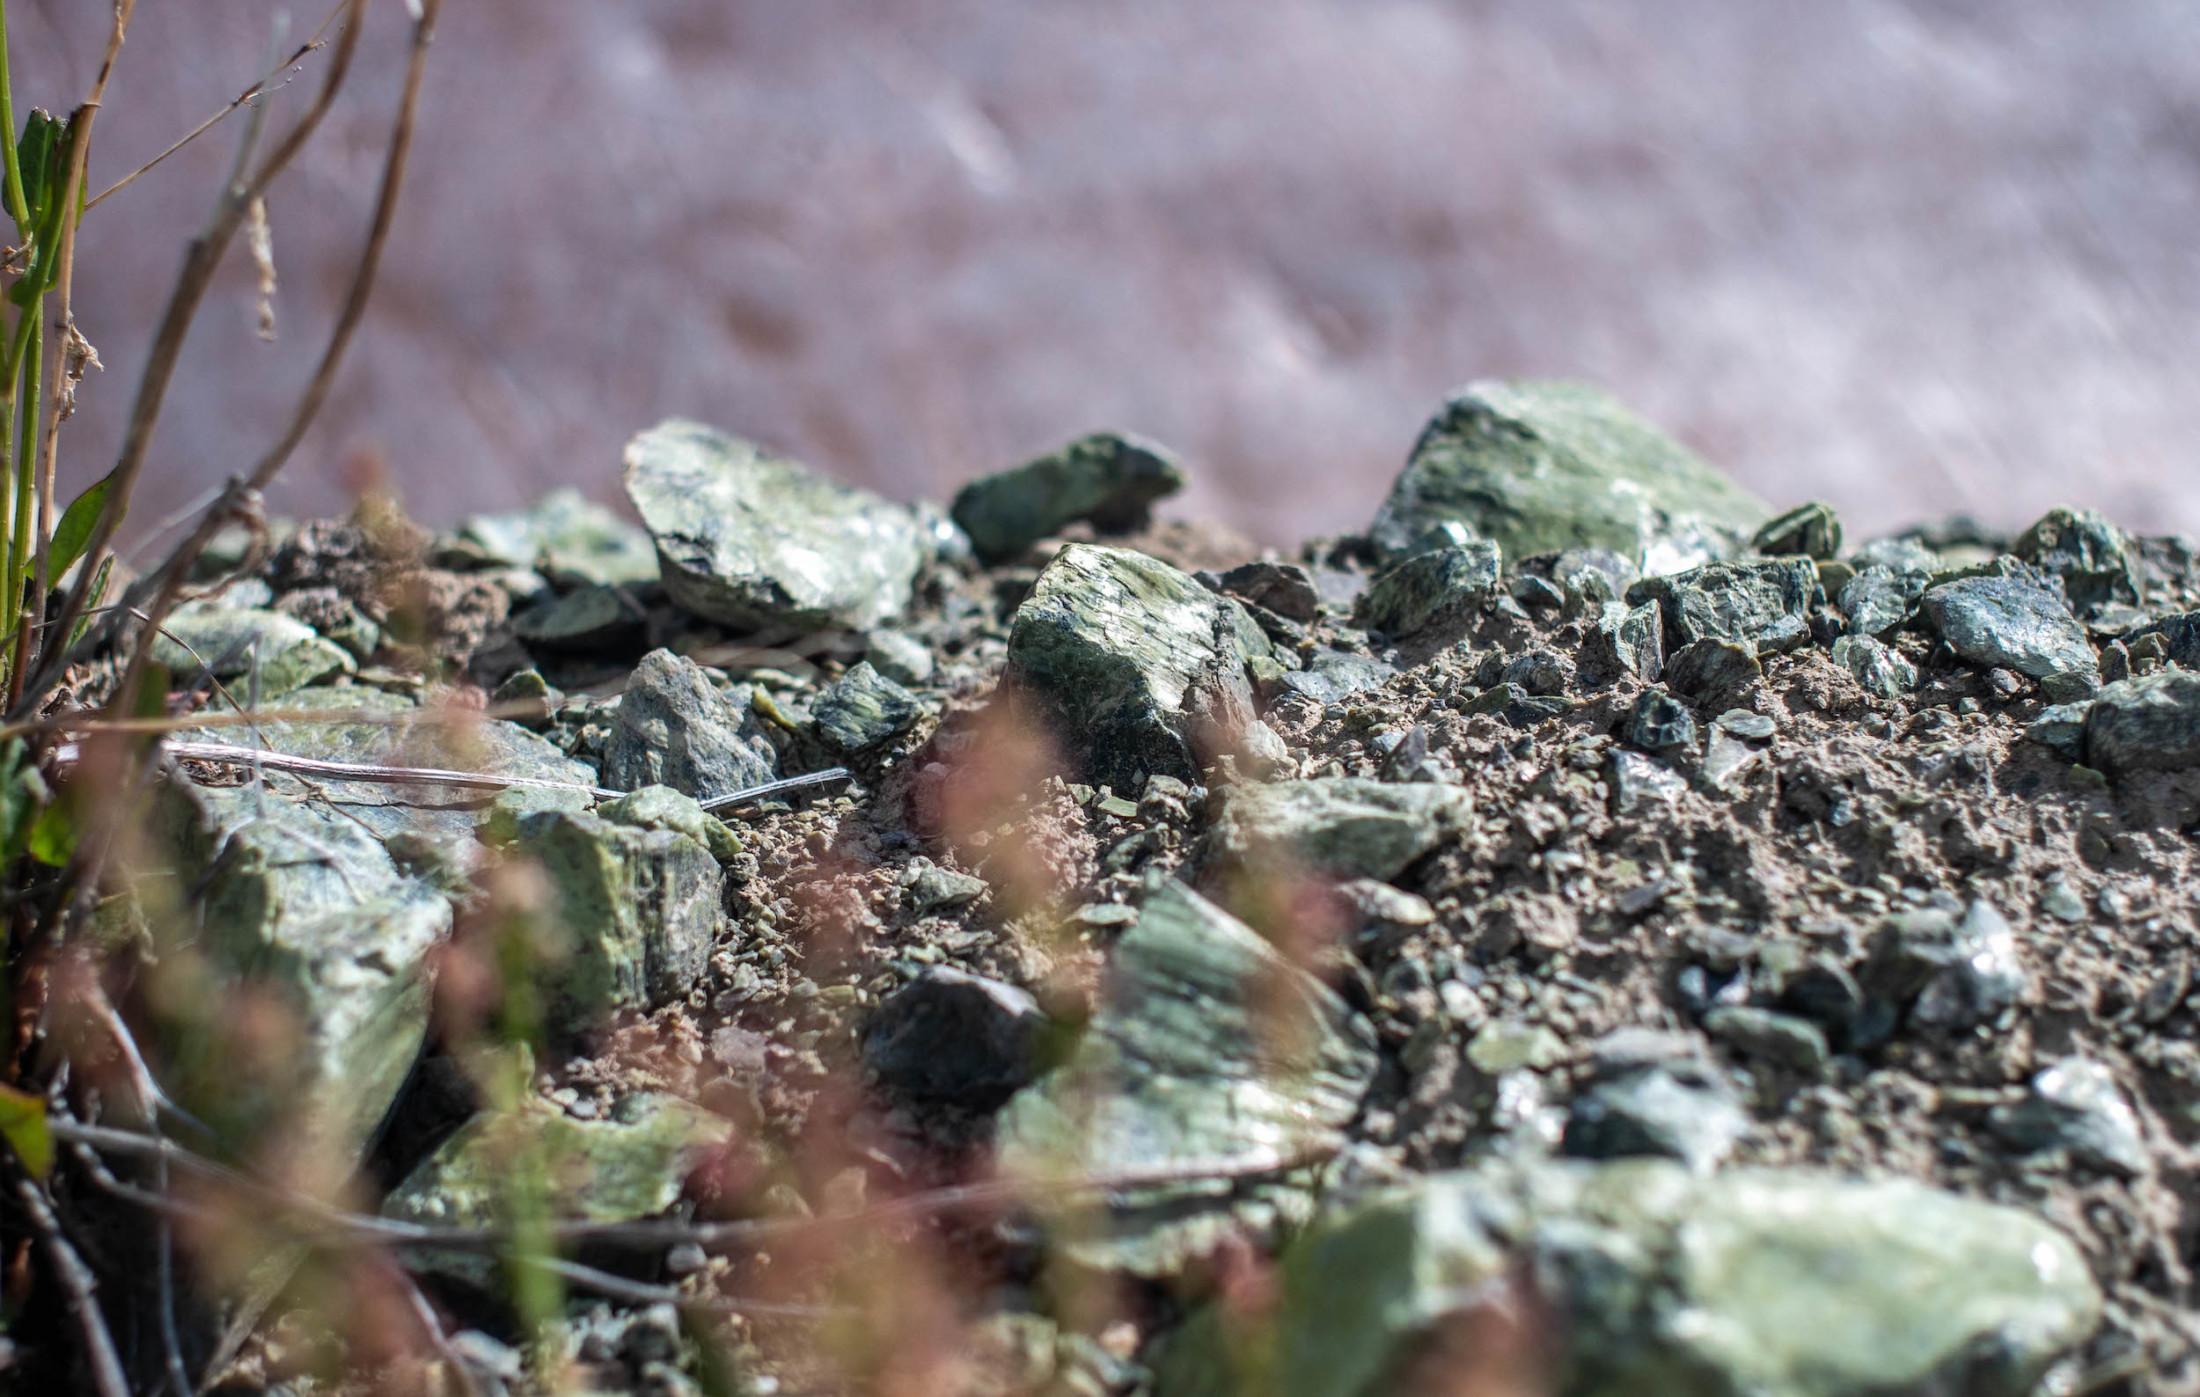 Jade rocks in Tahltan territory